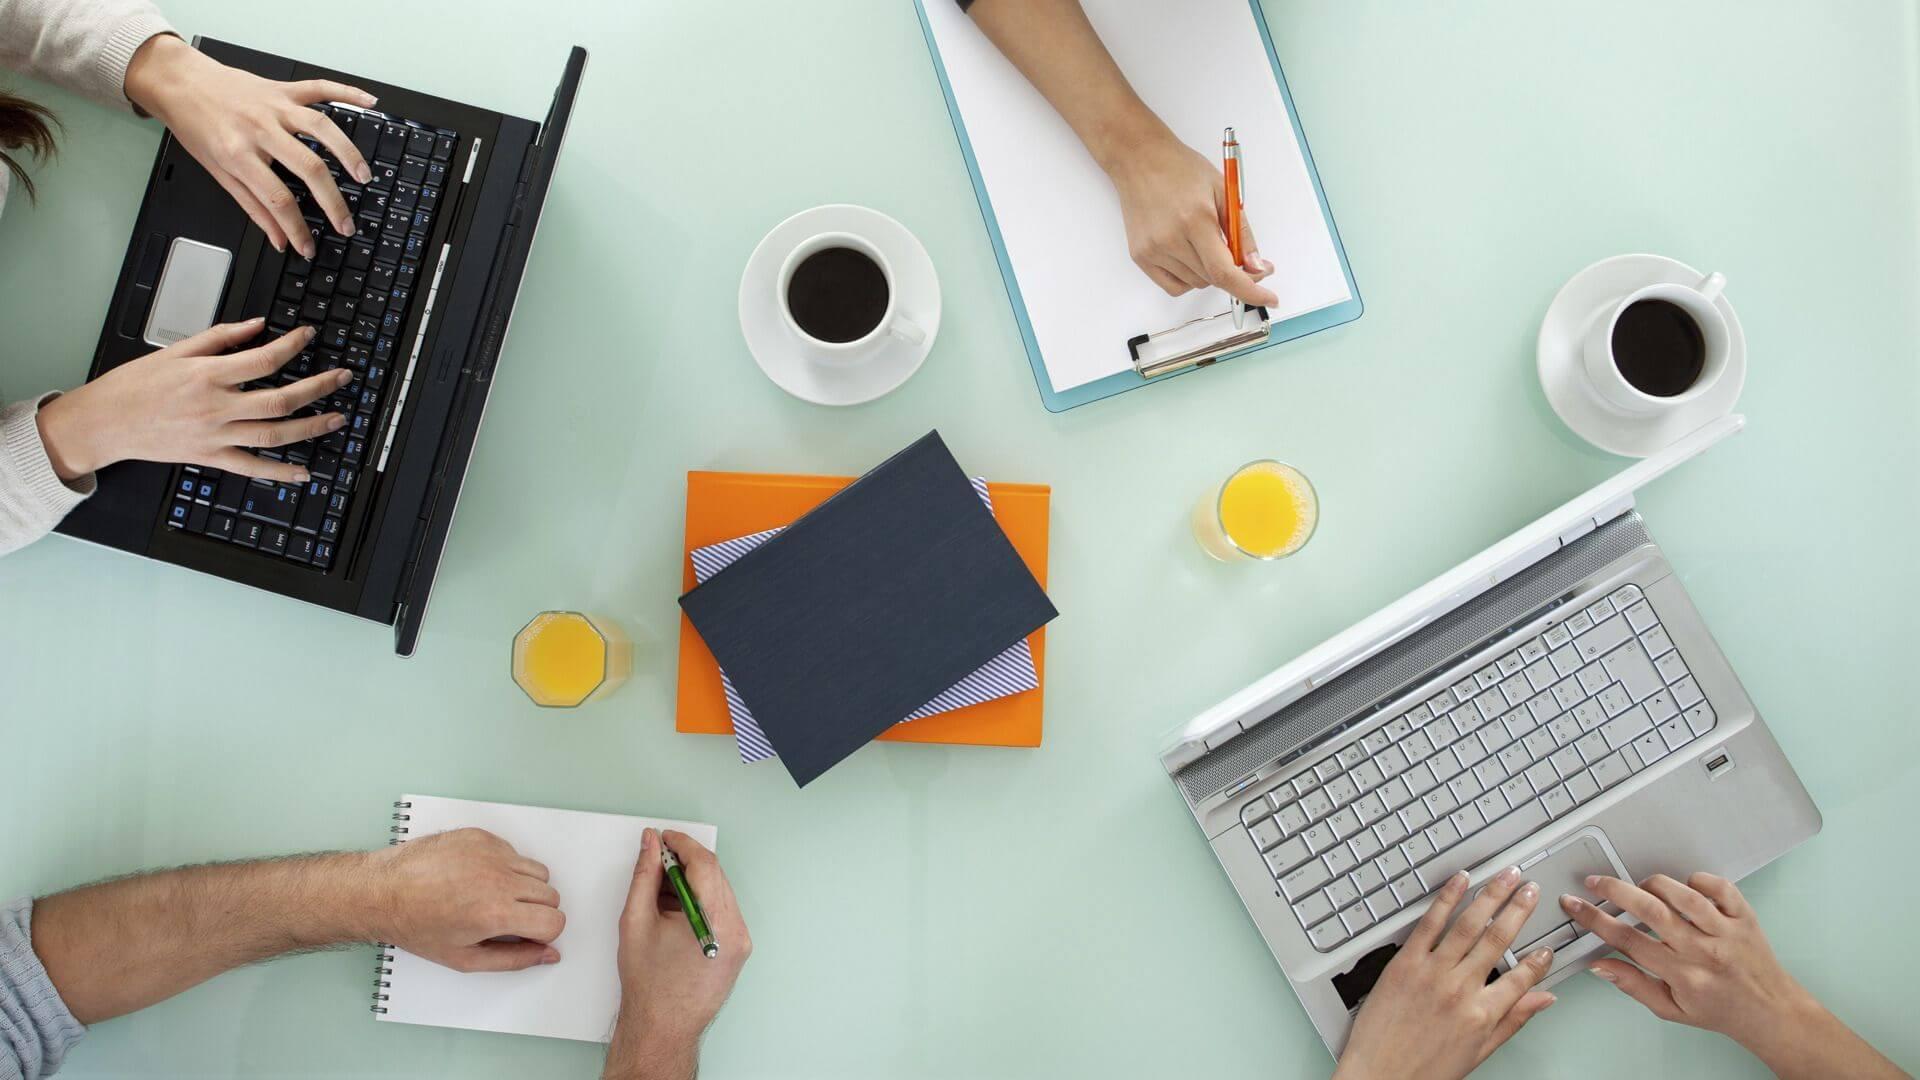 نکات درباره آموزش سئو سایت و کسب و کار آنلاین